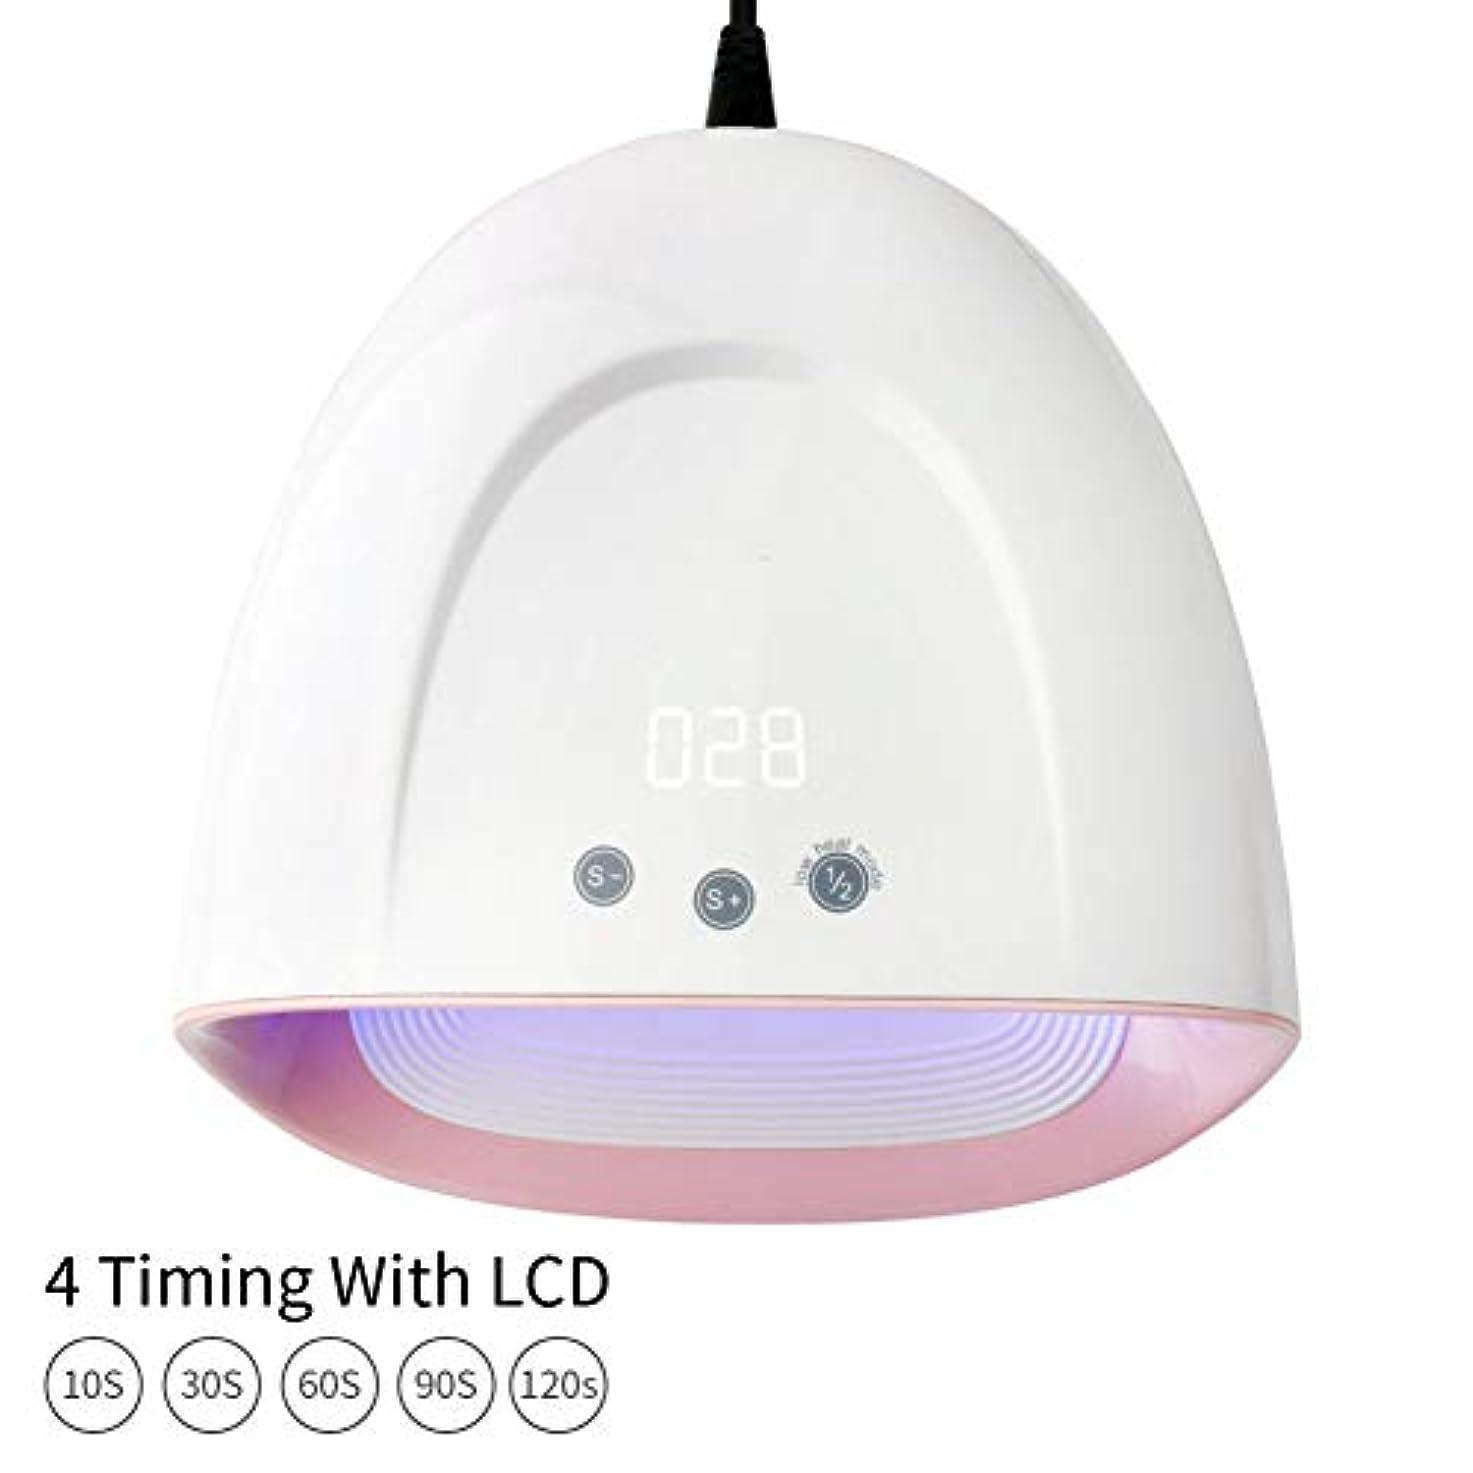 電話をかける衛星不毛ネイルドライヤー - LED光線療法ネイルマシン60Wマルチタイムタイミング33ランプビーズ4スピードタイミング接着剤隠しデジタルスクリーン